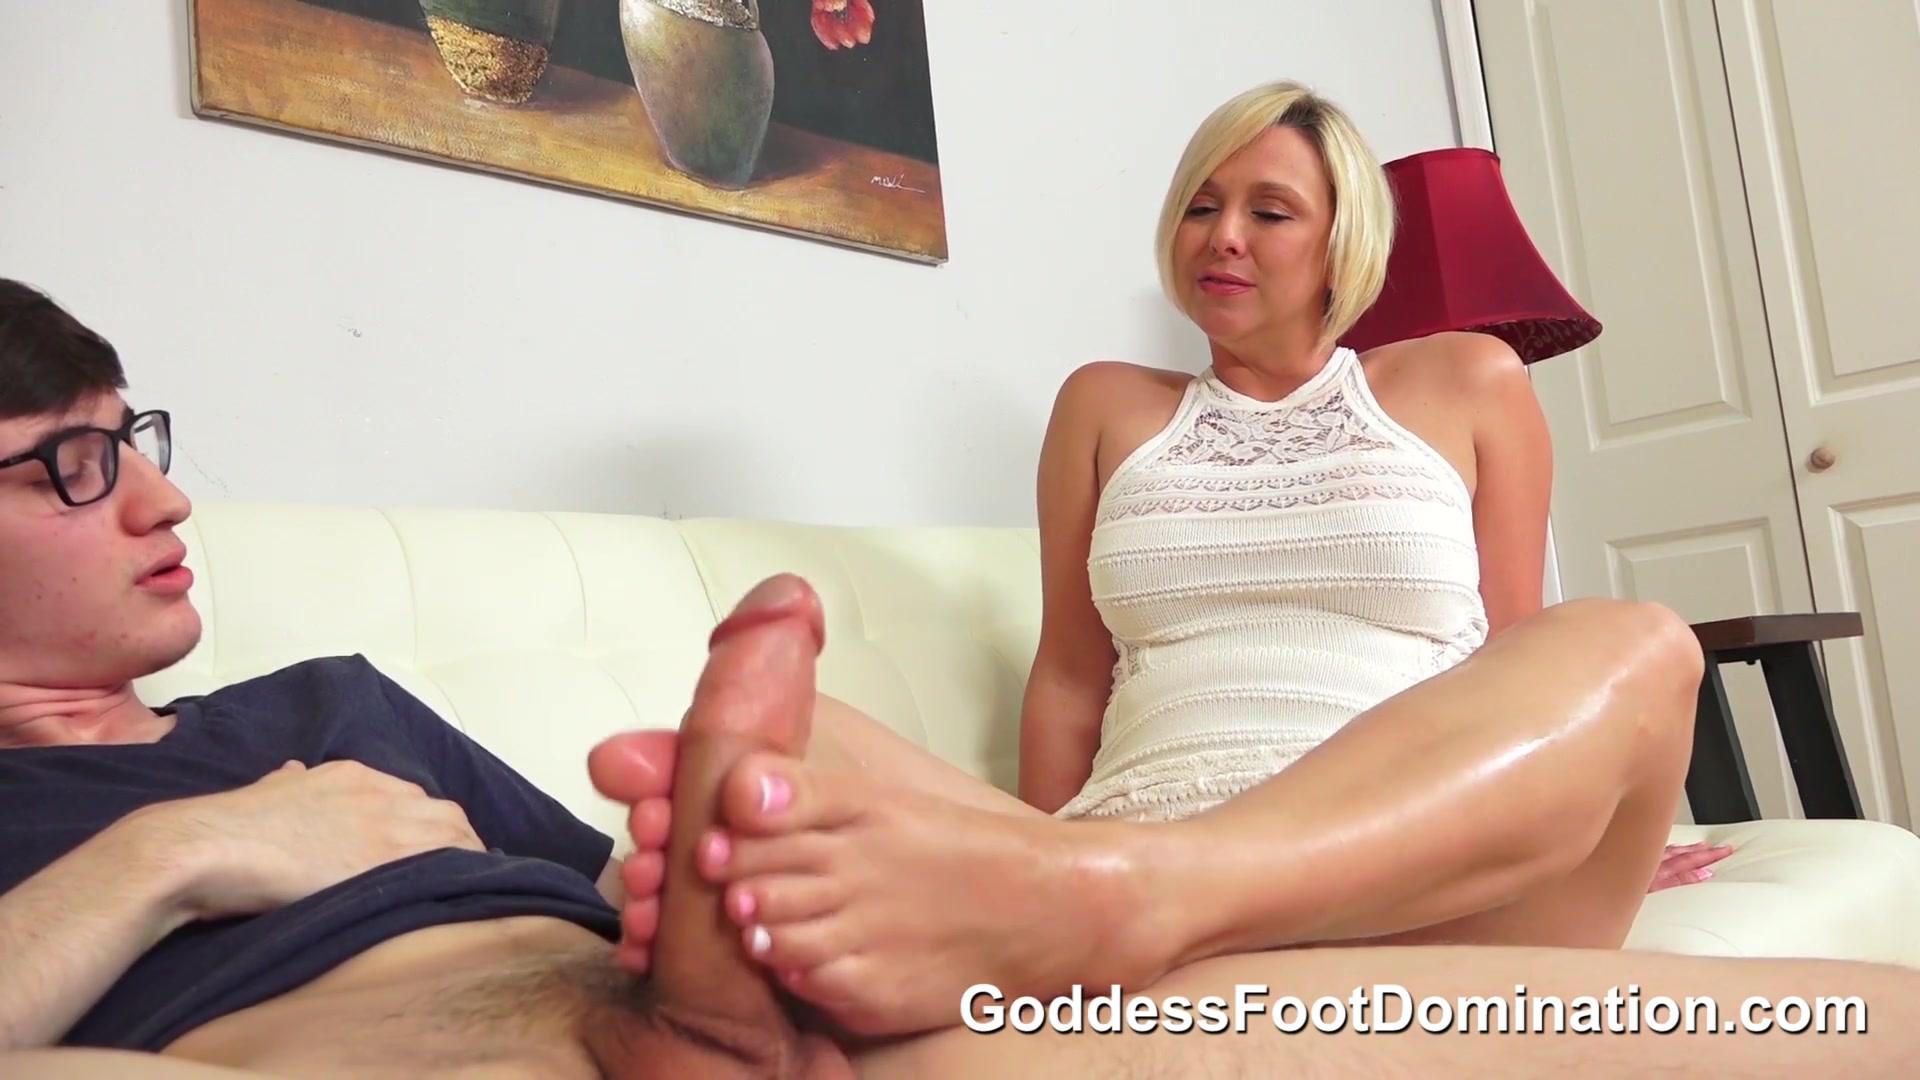 Lesbian Maid Feet Worship